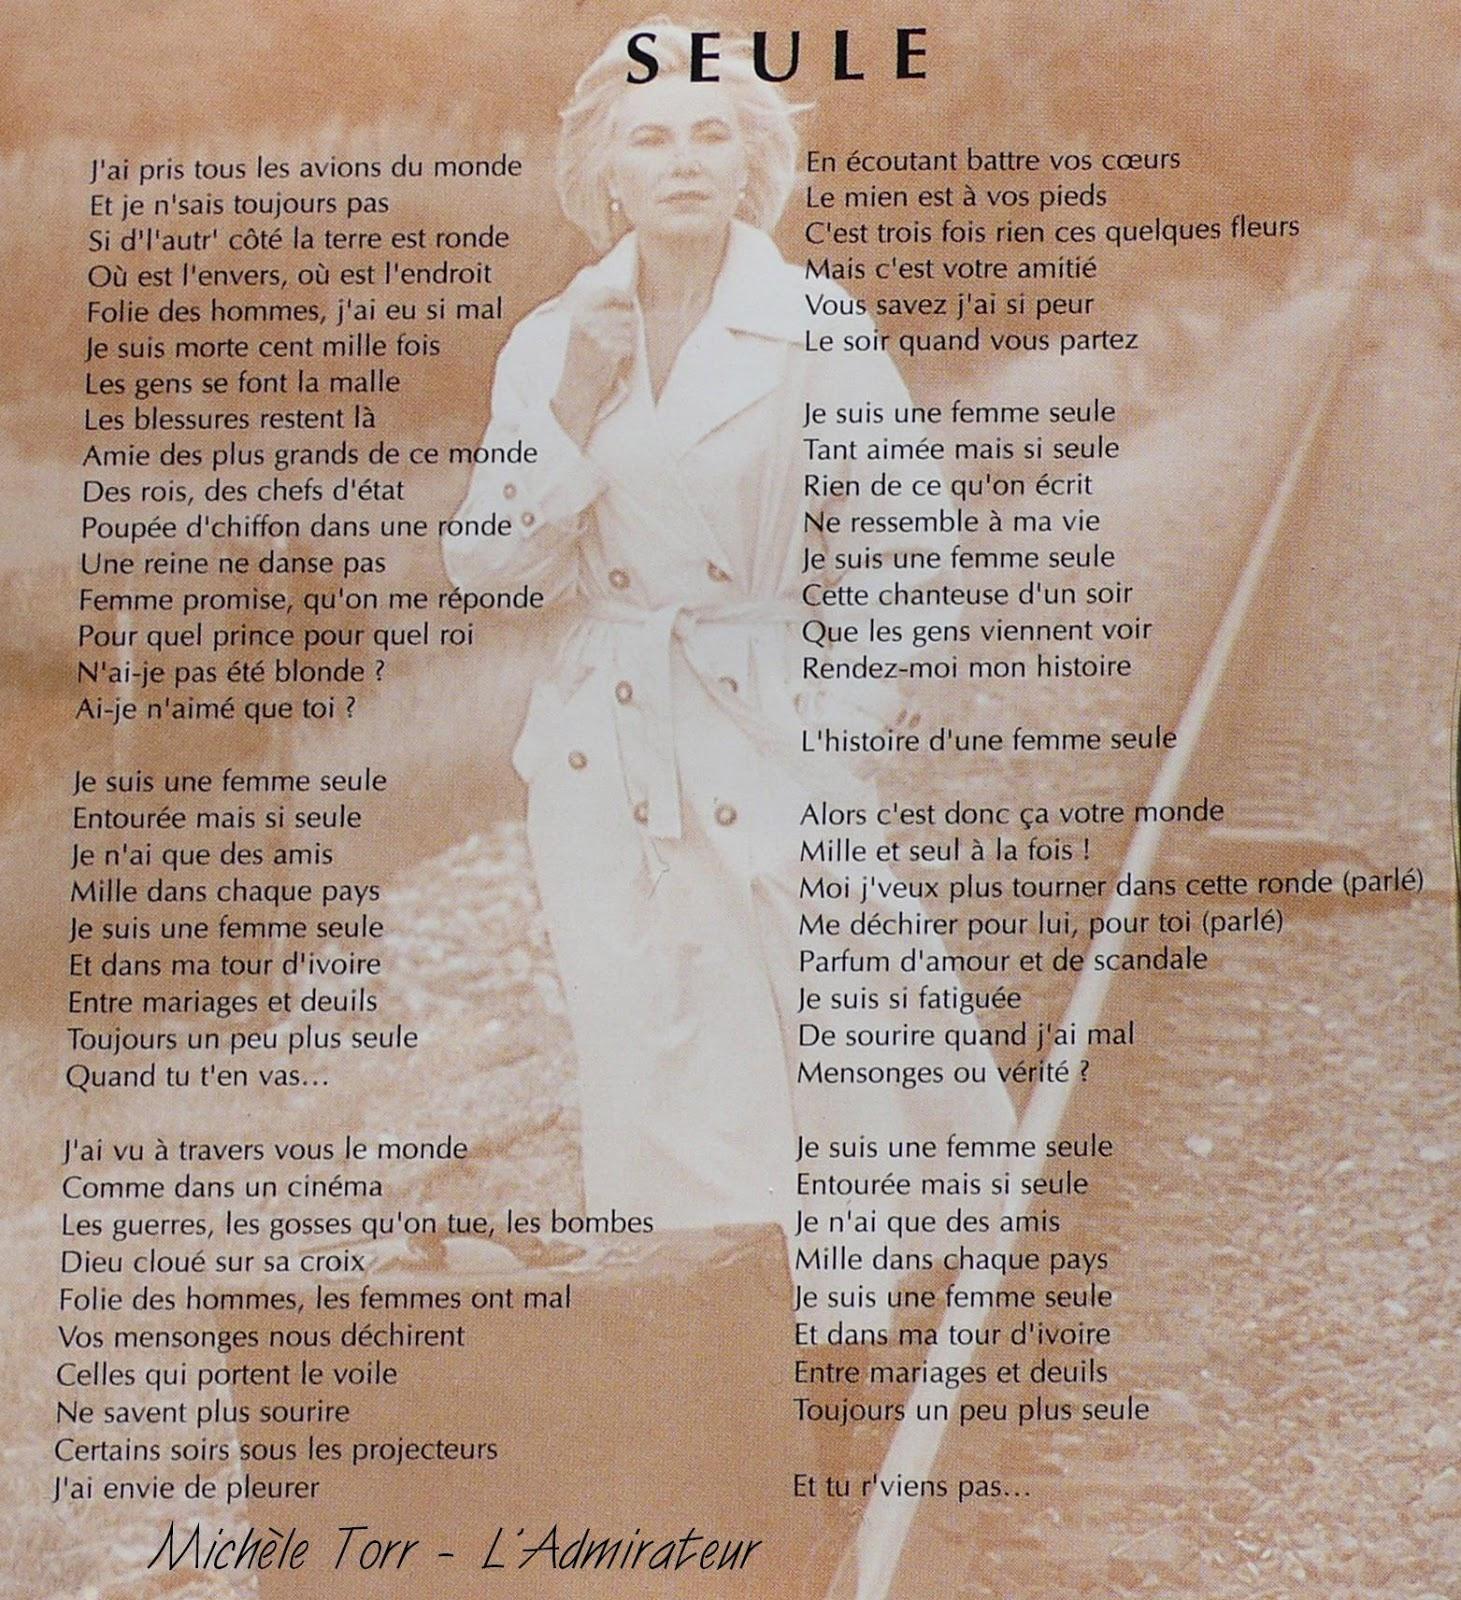 la chanson de Martin du 26 mars trouvée par Ajonc - Page 2 Mich%C3%A8le+Torr+chante+Mich%C3%A8le+Torr+(39)